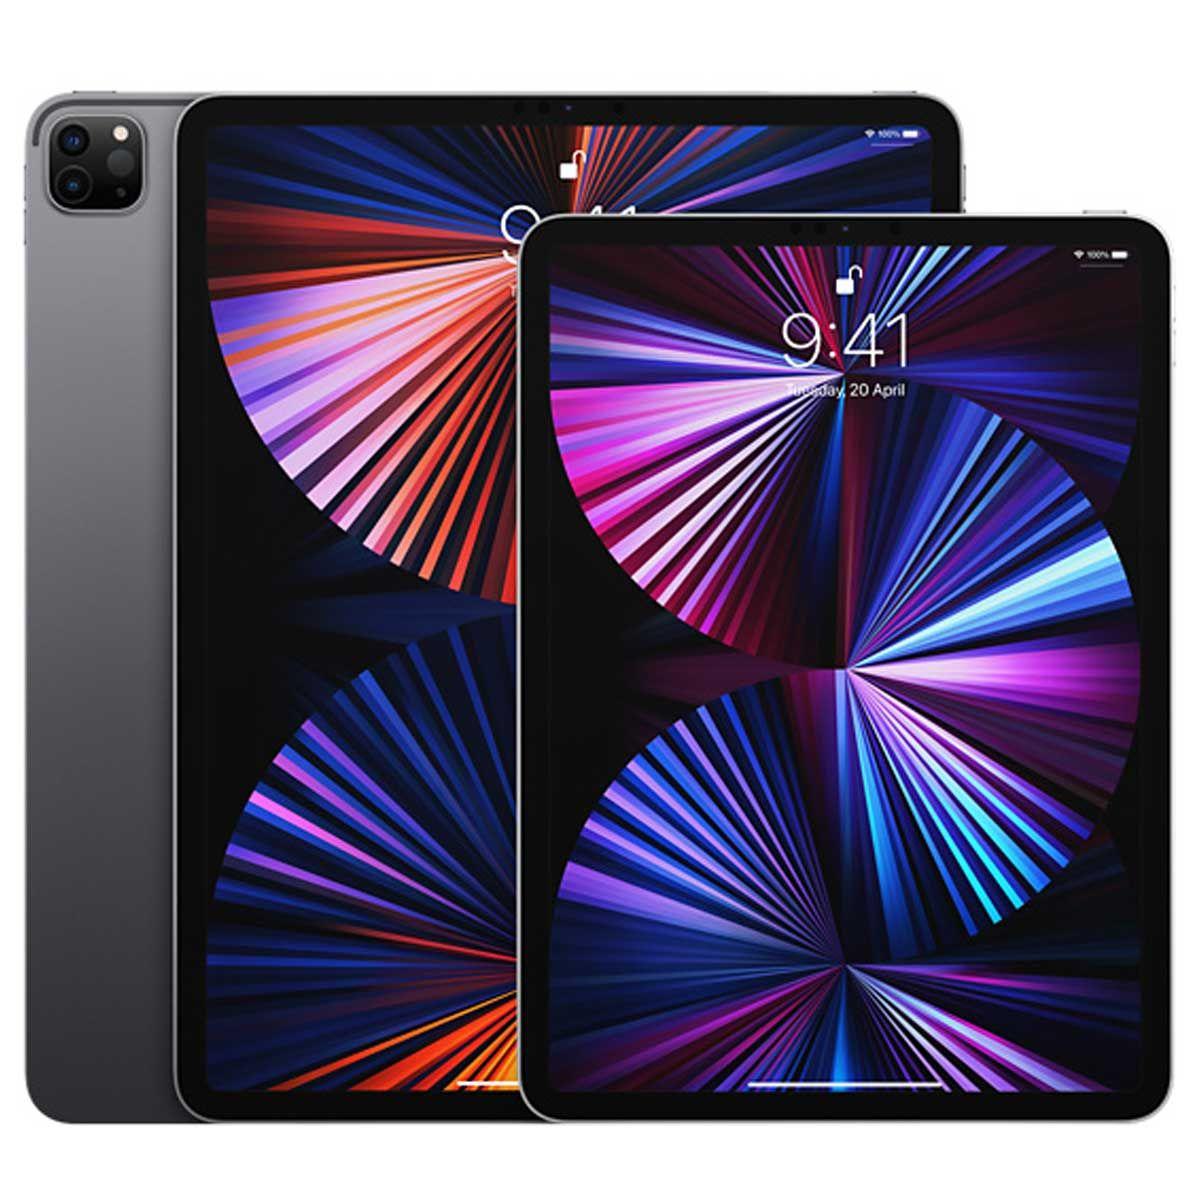 ஆப்பிள் iPad Pro 11-inch